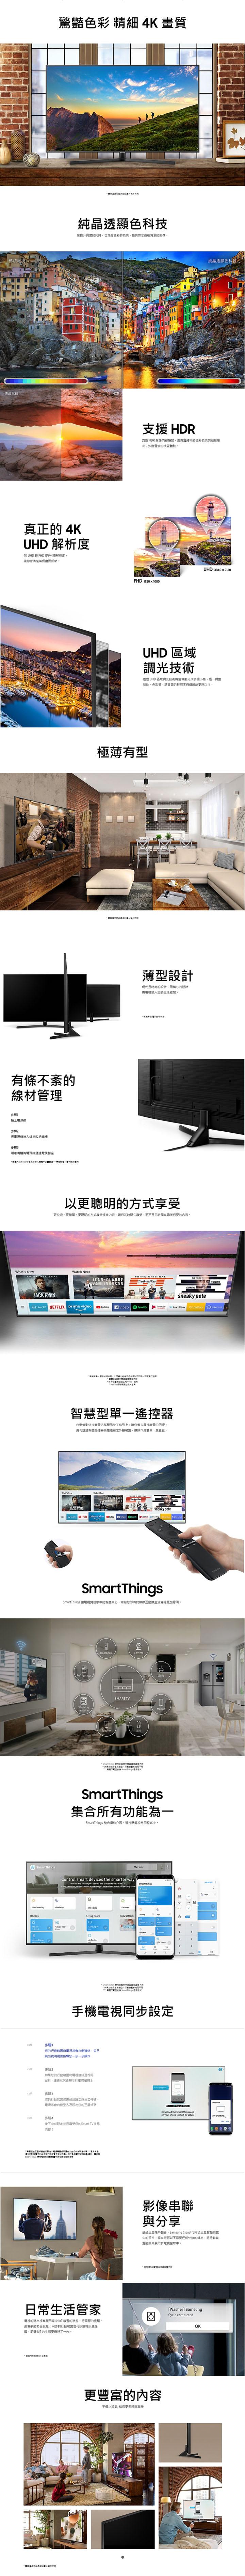 SAMSUNG_UA55NU7400WXZW_spec.jpg